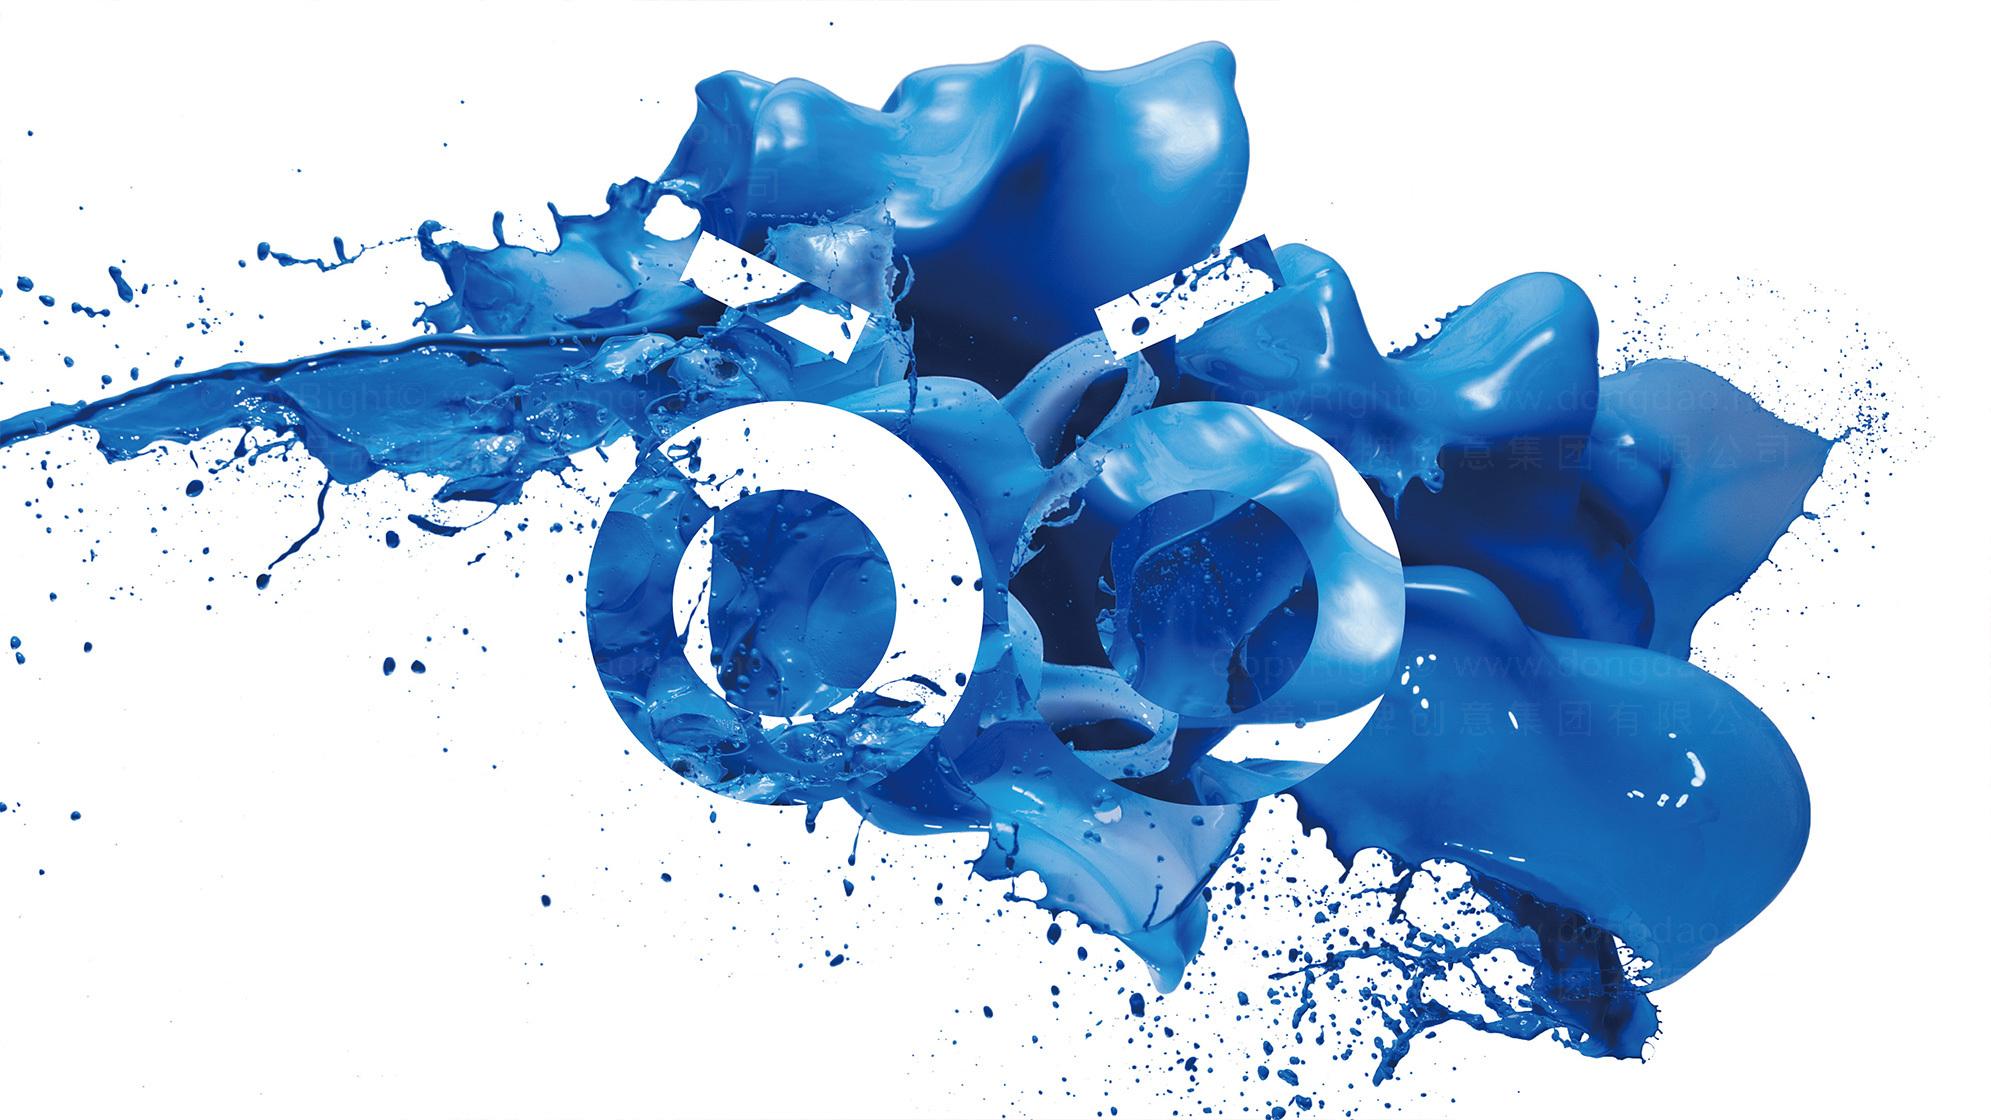 品牌设计案例眼神科技LOGO&VI设计